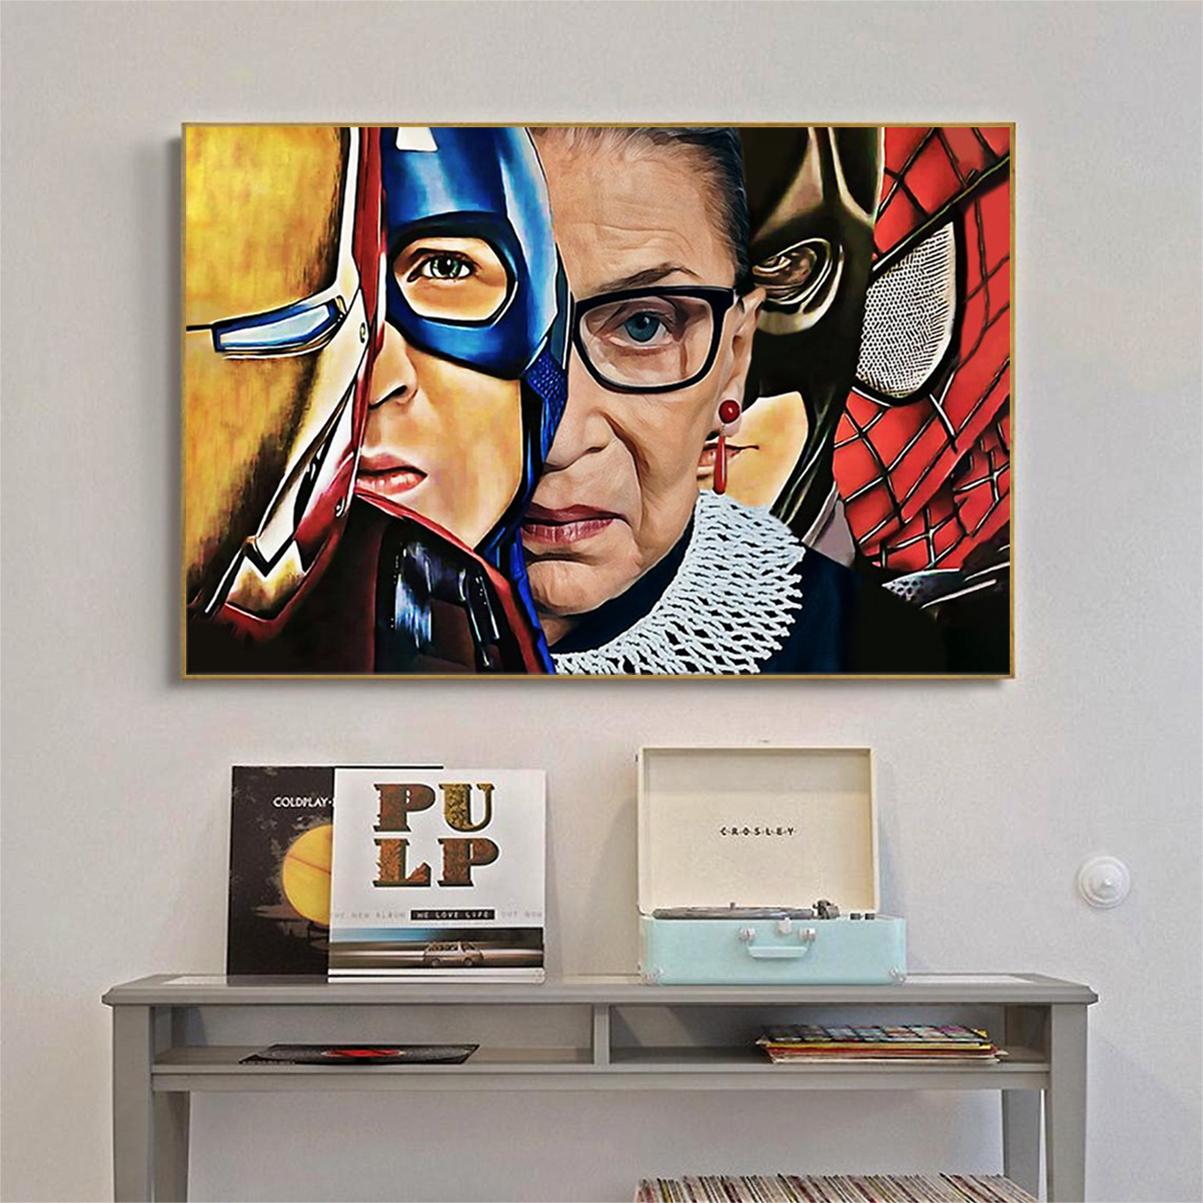 Ruth bader ginsburg superheroes poster A1